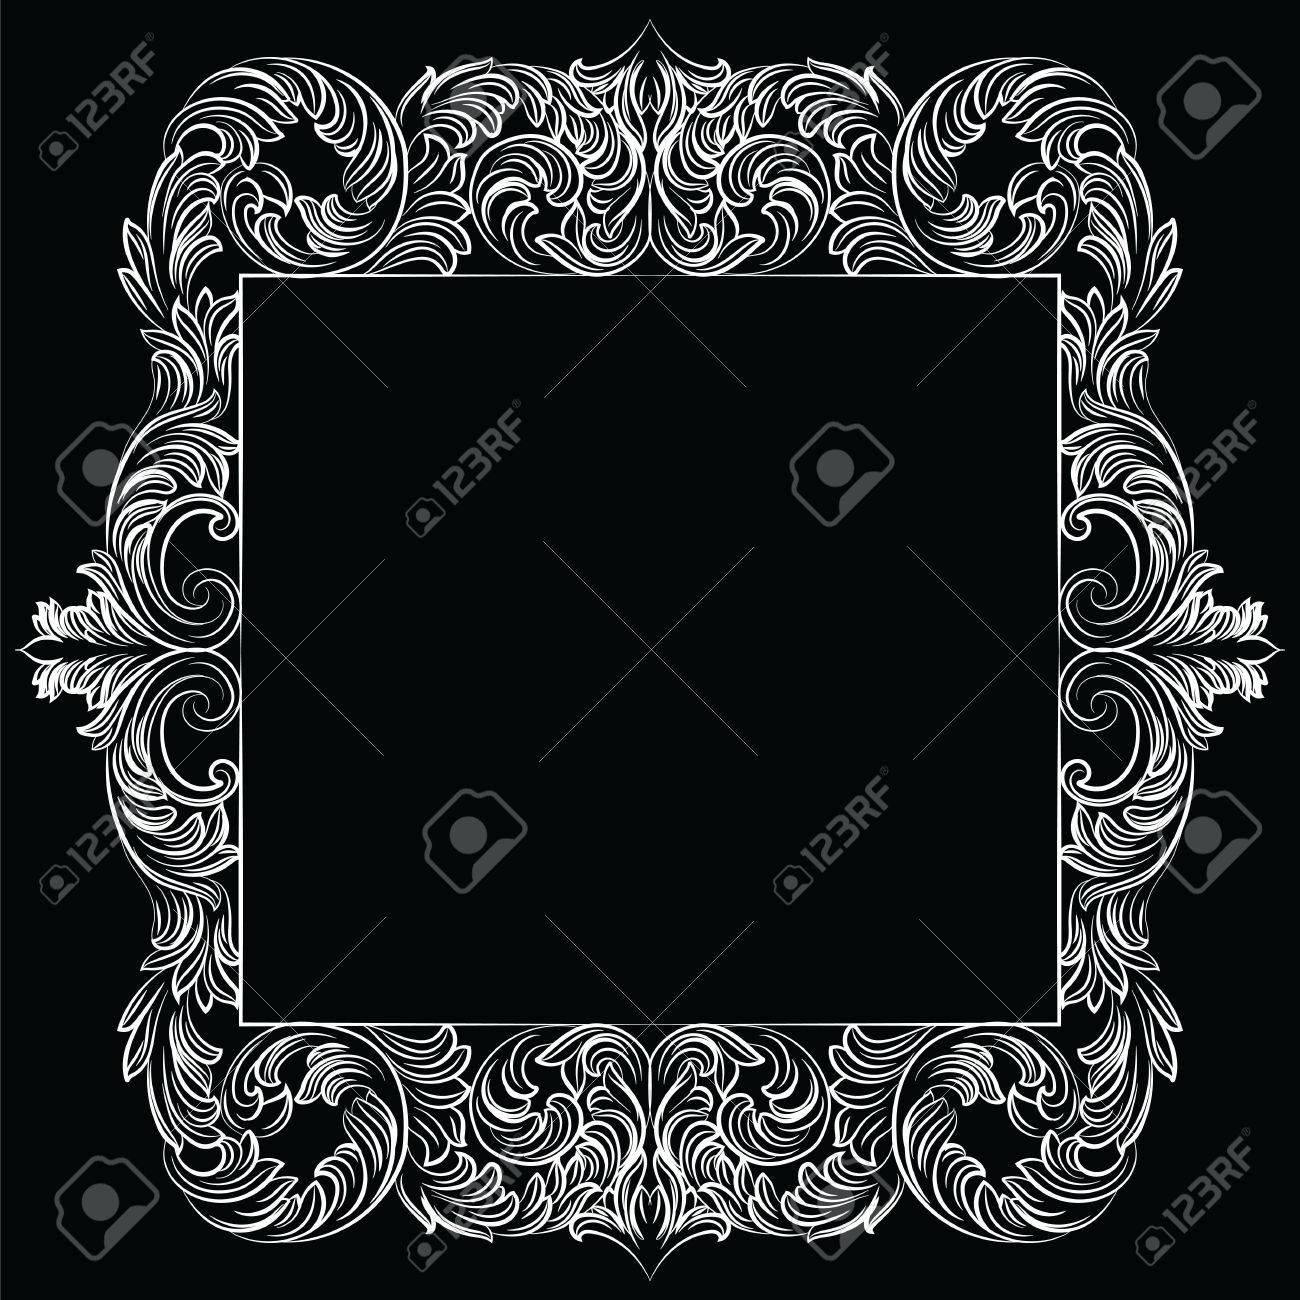 Aristokratie, Barock, Geschnitzt, Klassisch, Handwerker, Dekoration,  Details, Eleganz,